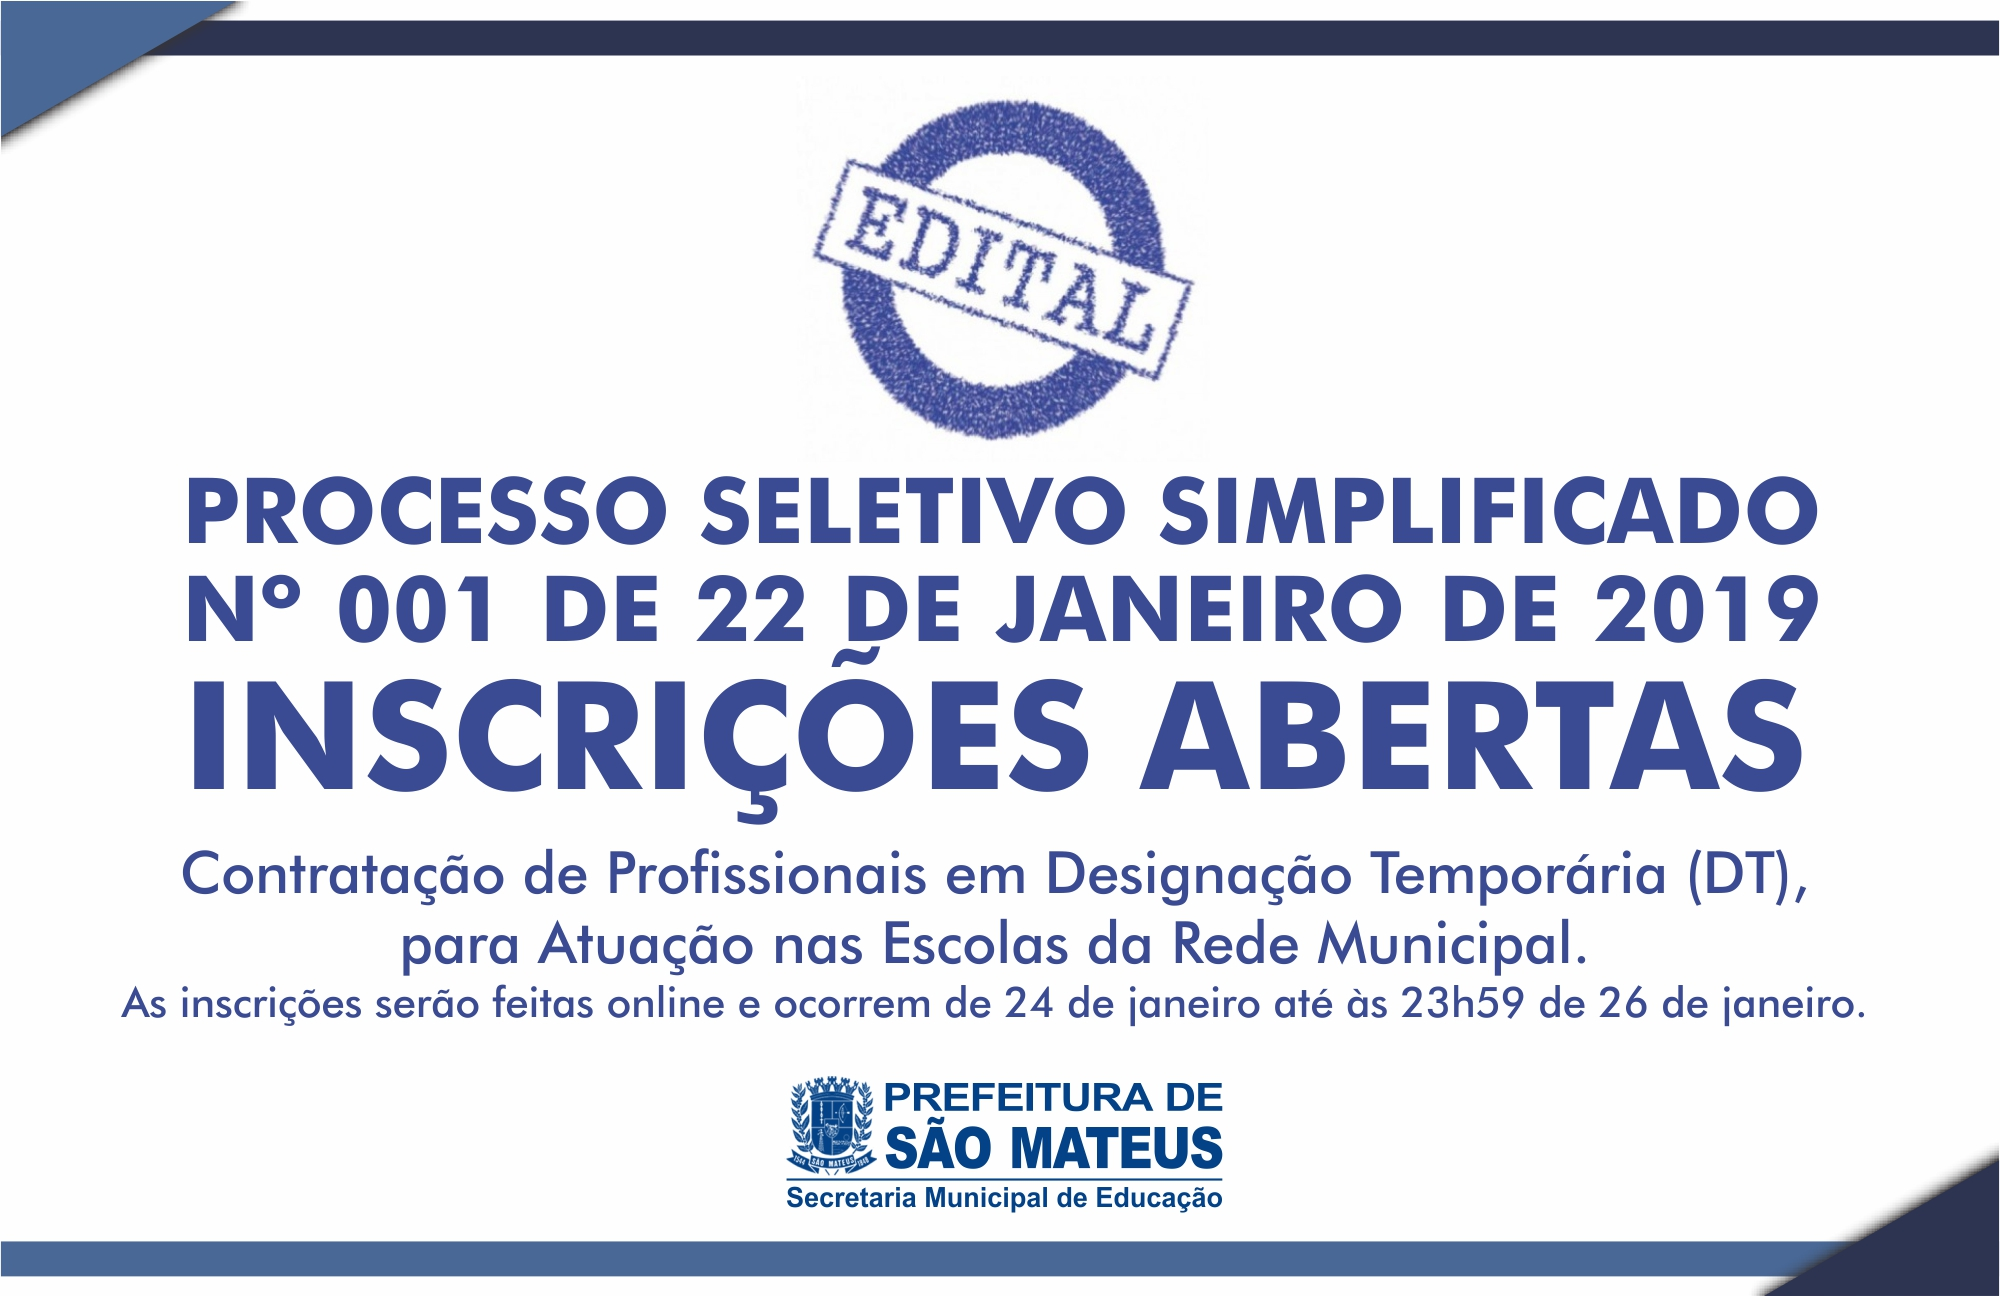 Prefeitura de São Mateus da Início as Inscrições para Processo Seletivo